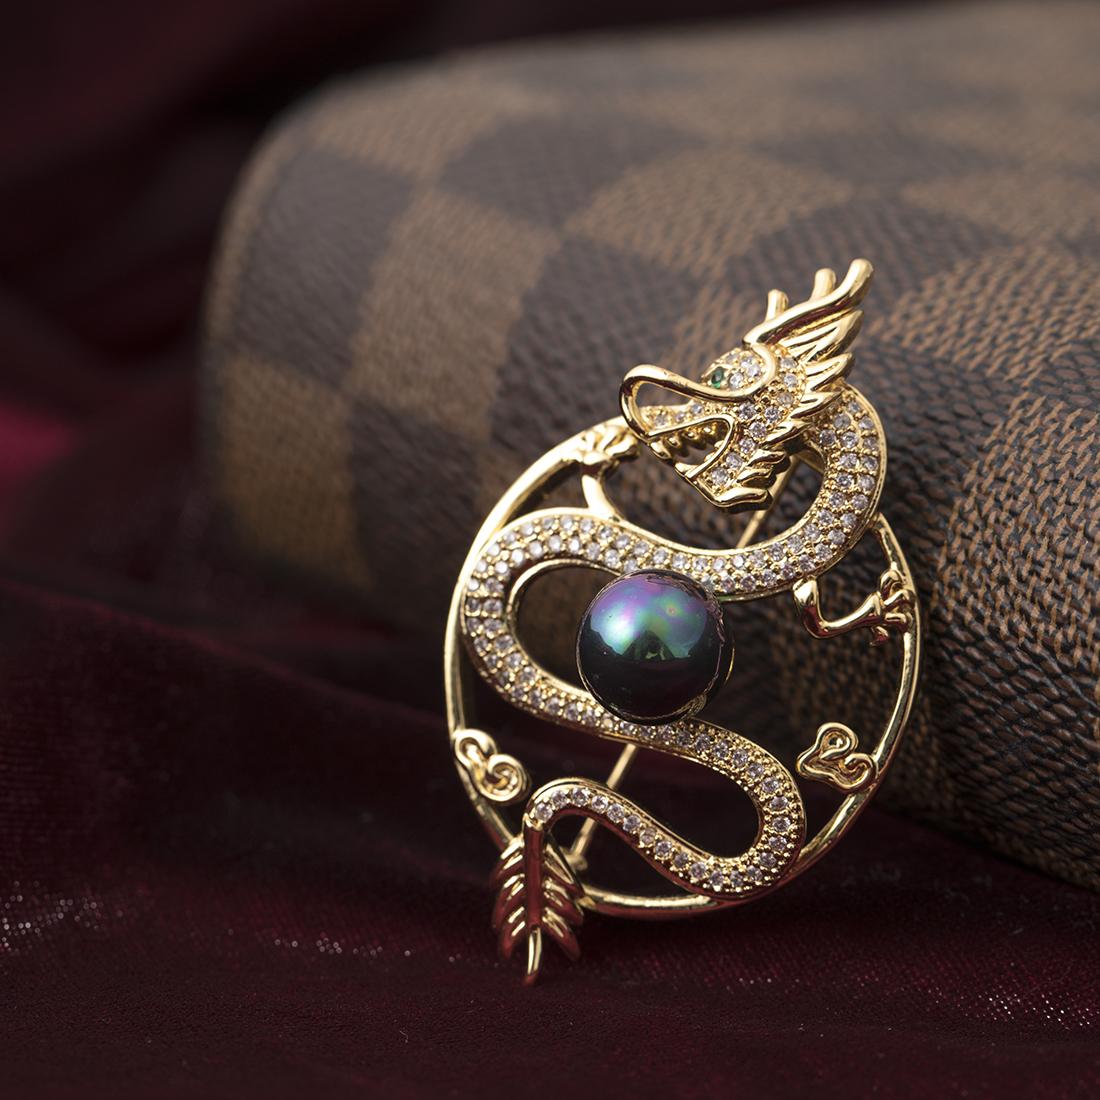 宫廷王妃微镶锆石水晶复古胸针 气场女主胸花飞龙珠别针丝巾扣